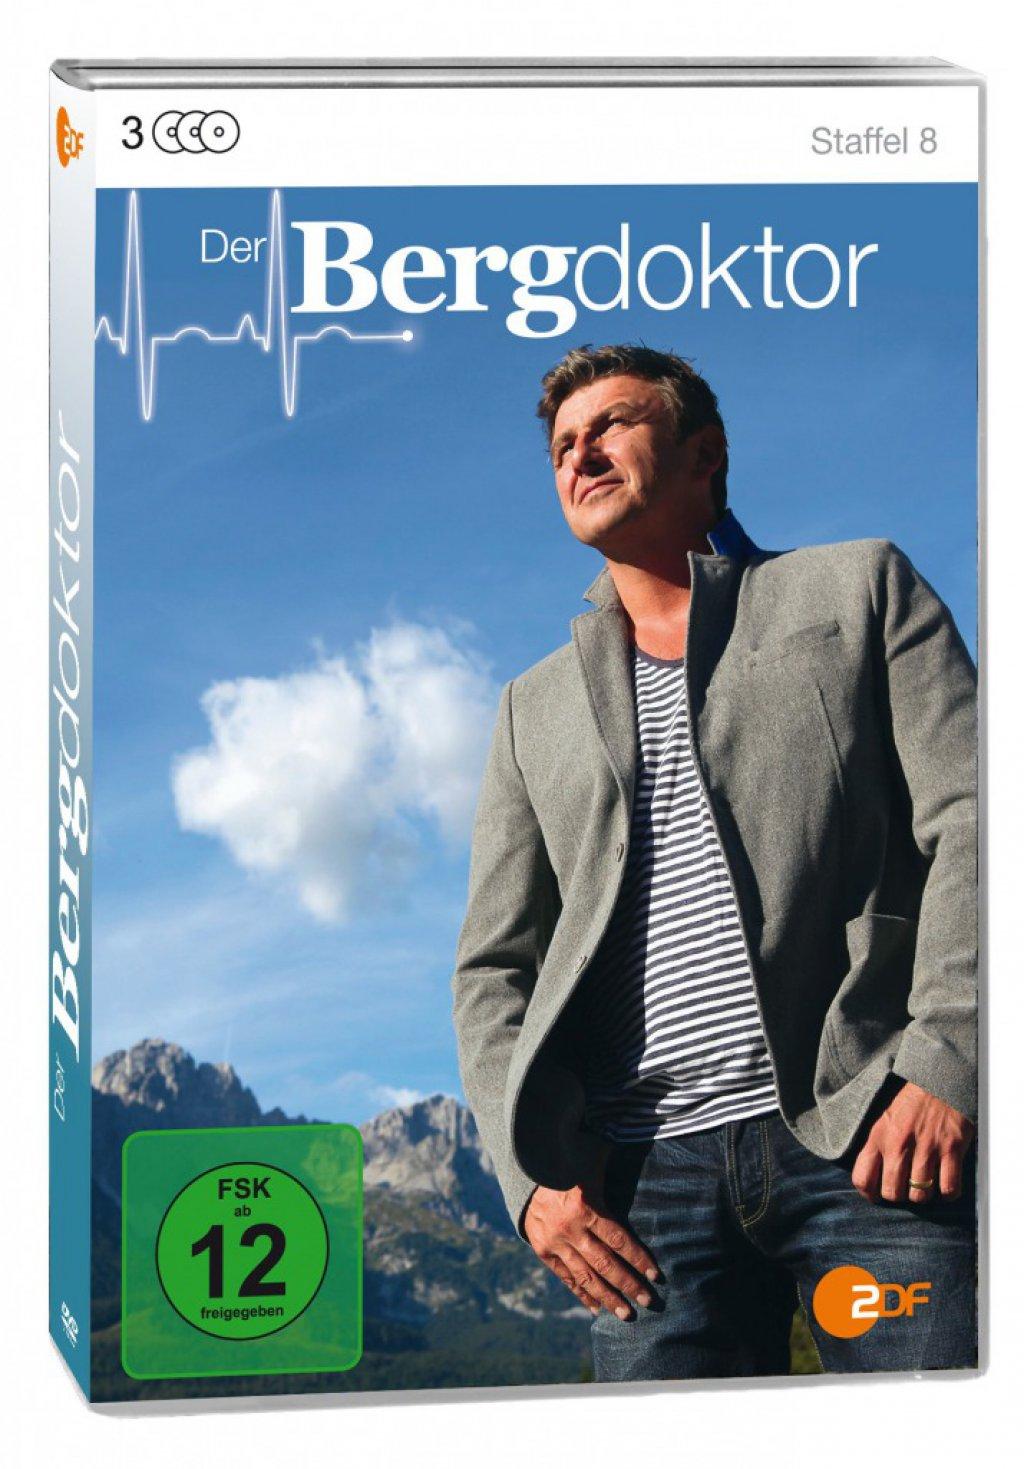 Bergdoktor Staffel 6 Online Schauen